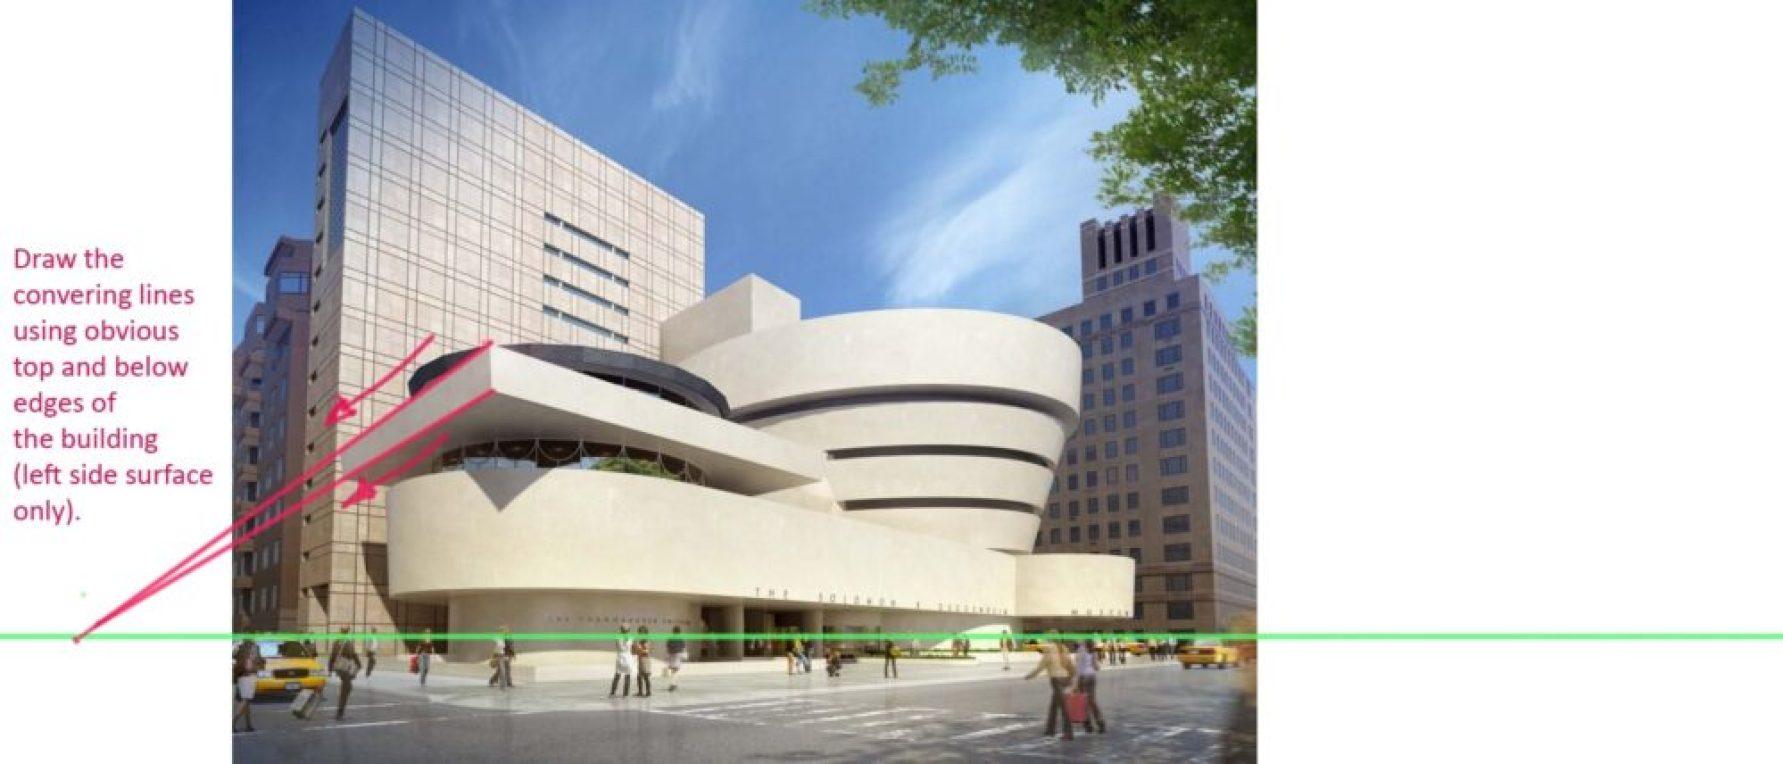 Guggenheim museum New York City 4